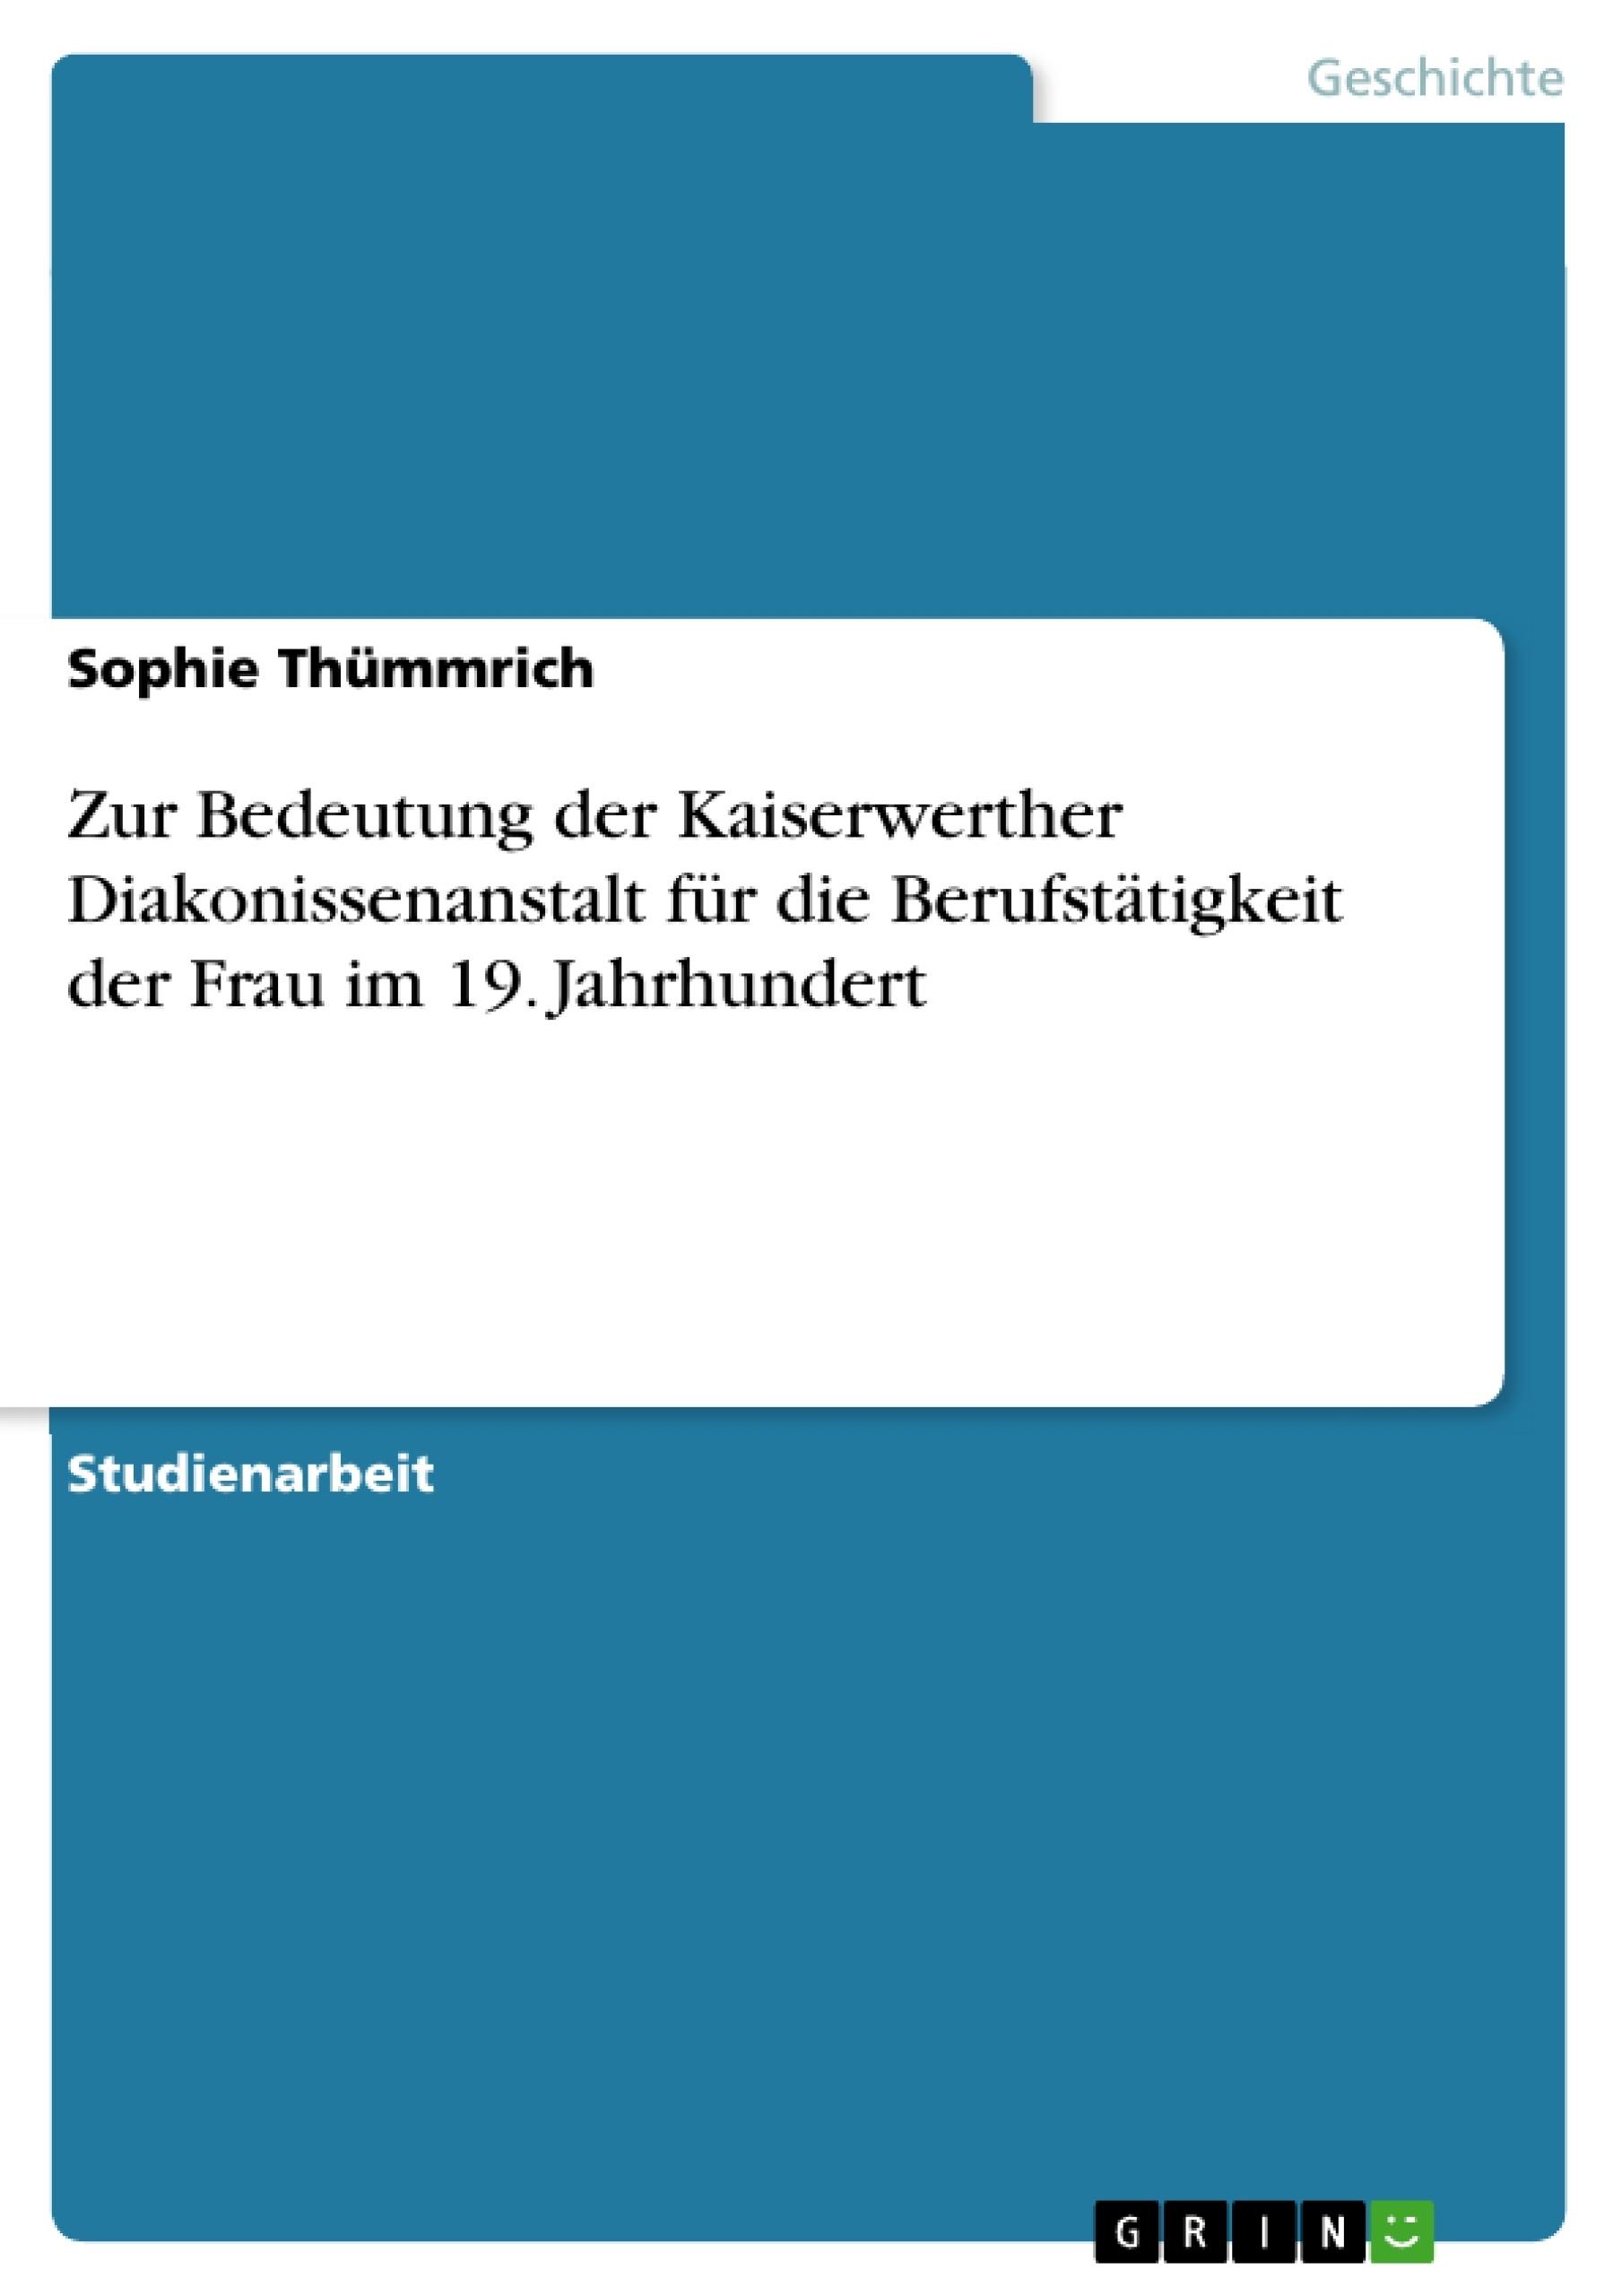 Titel: Zur Bedeutung der Kaiserwerther Diakonissenanstalt für die Berufstätigkeit der Frau im 19. Jahrhundert